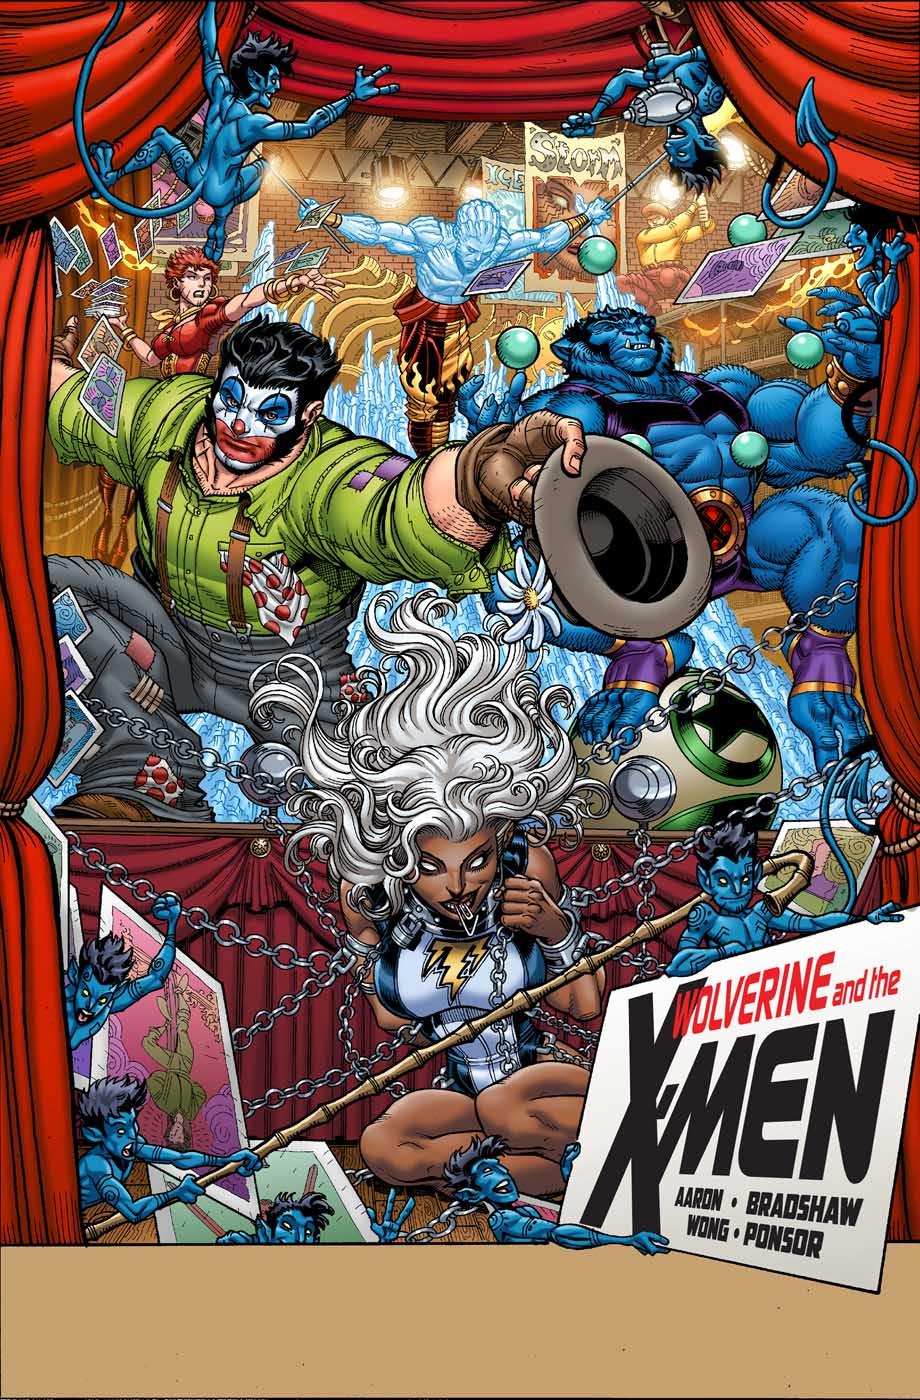 Wolverine & the X-Men (2011) #21